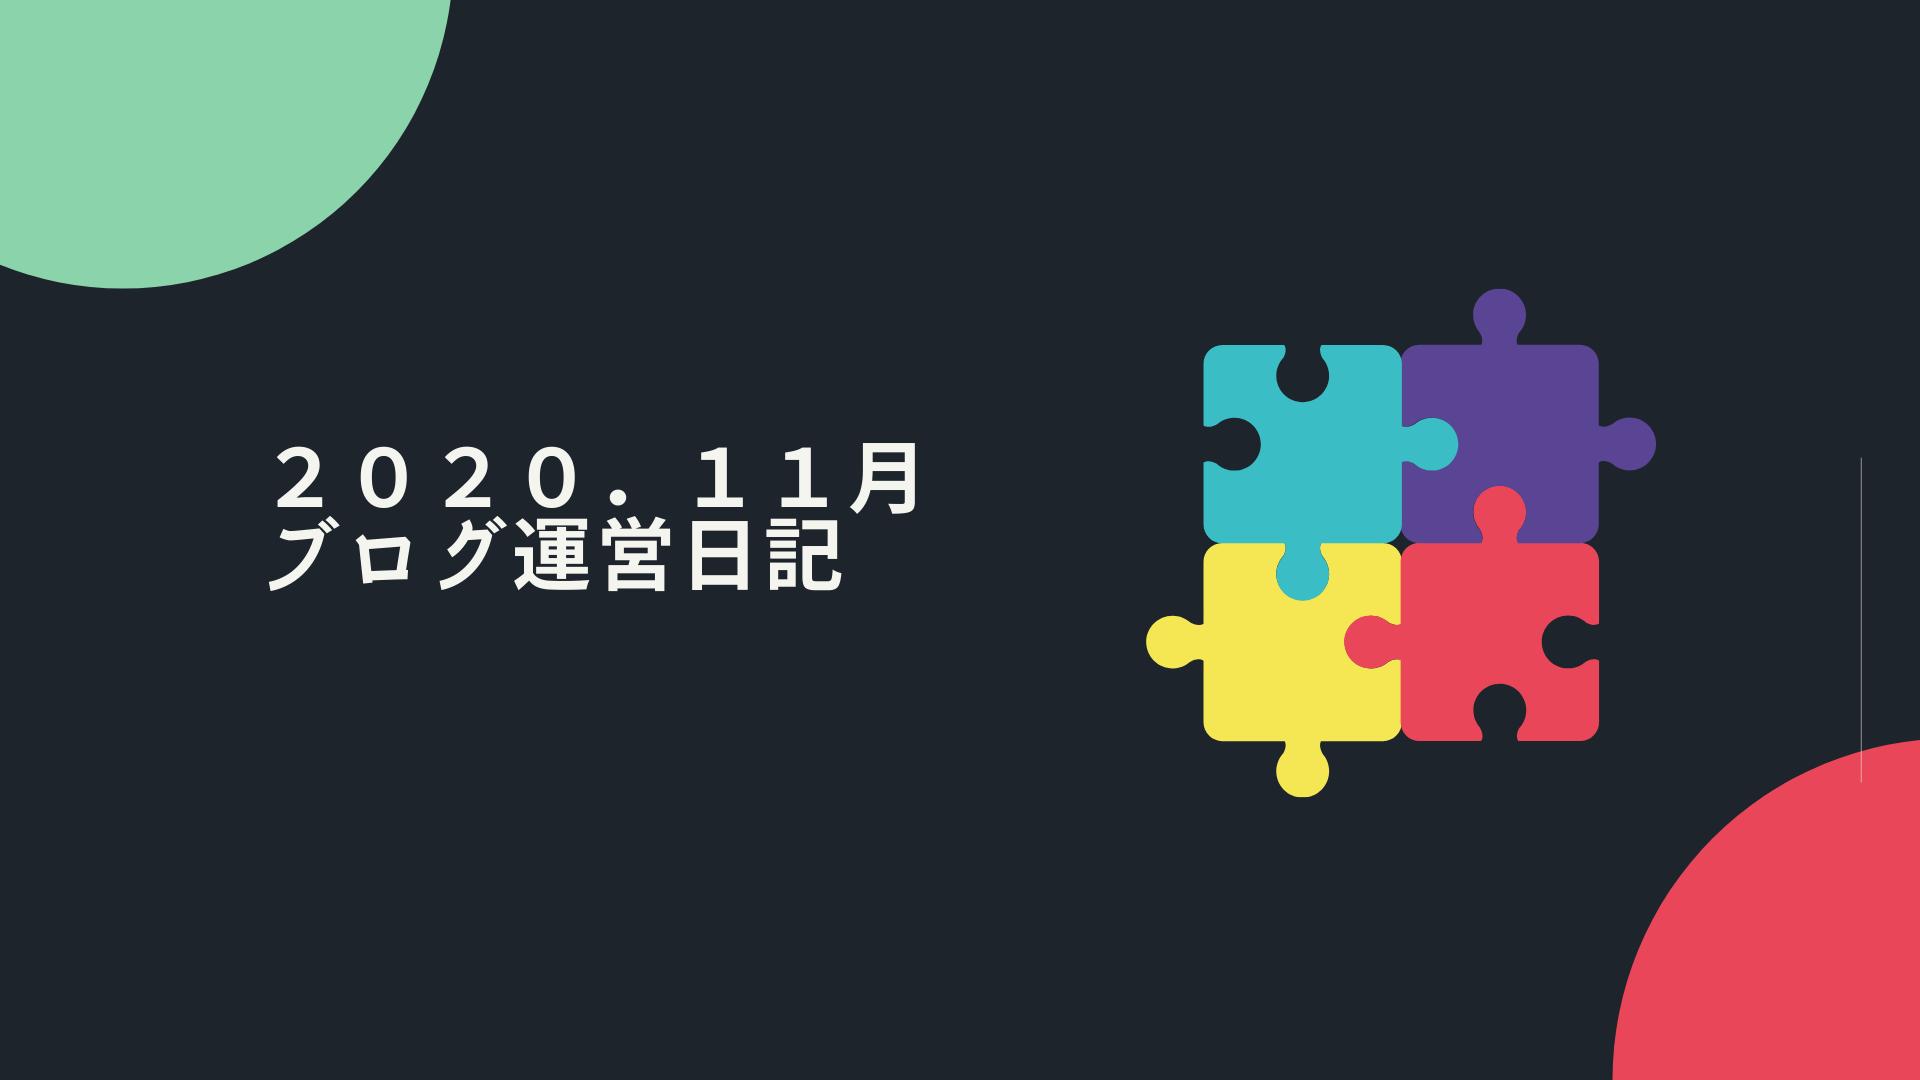 2020.11月のブログ運営日記